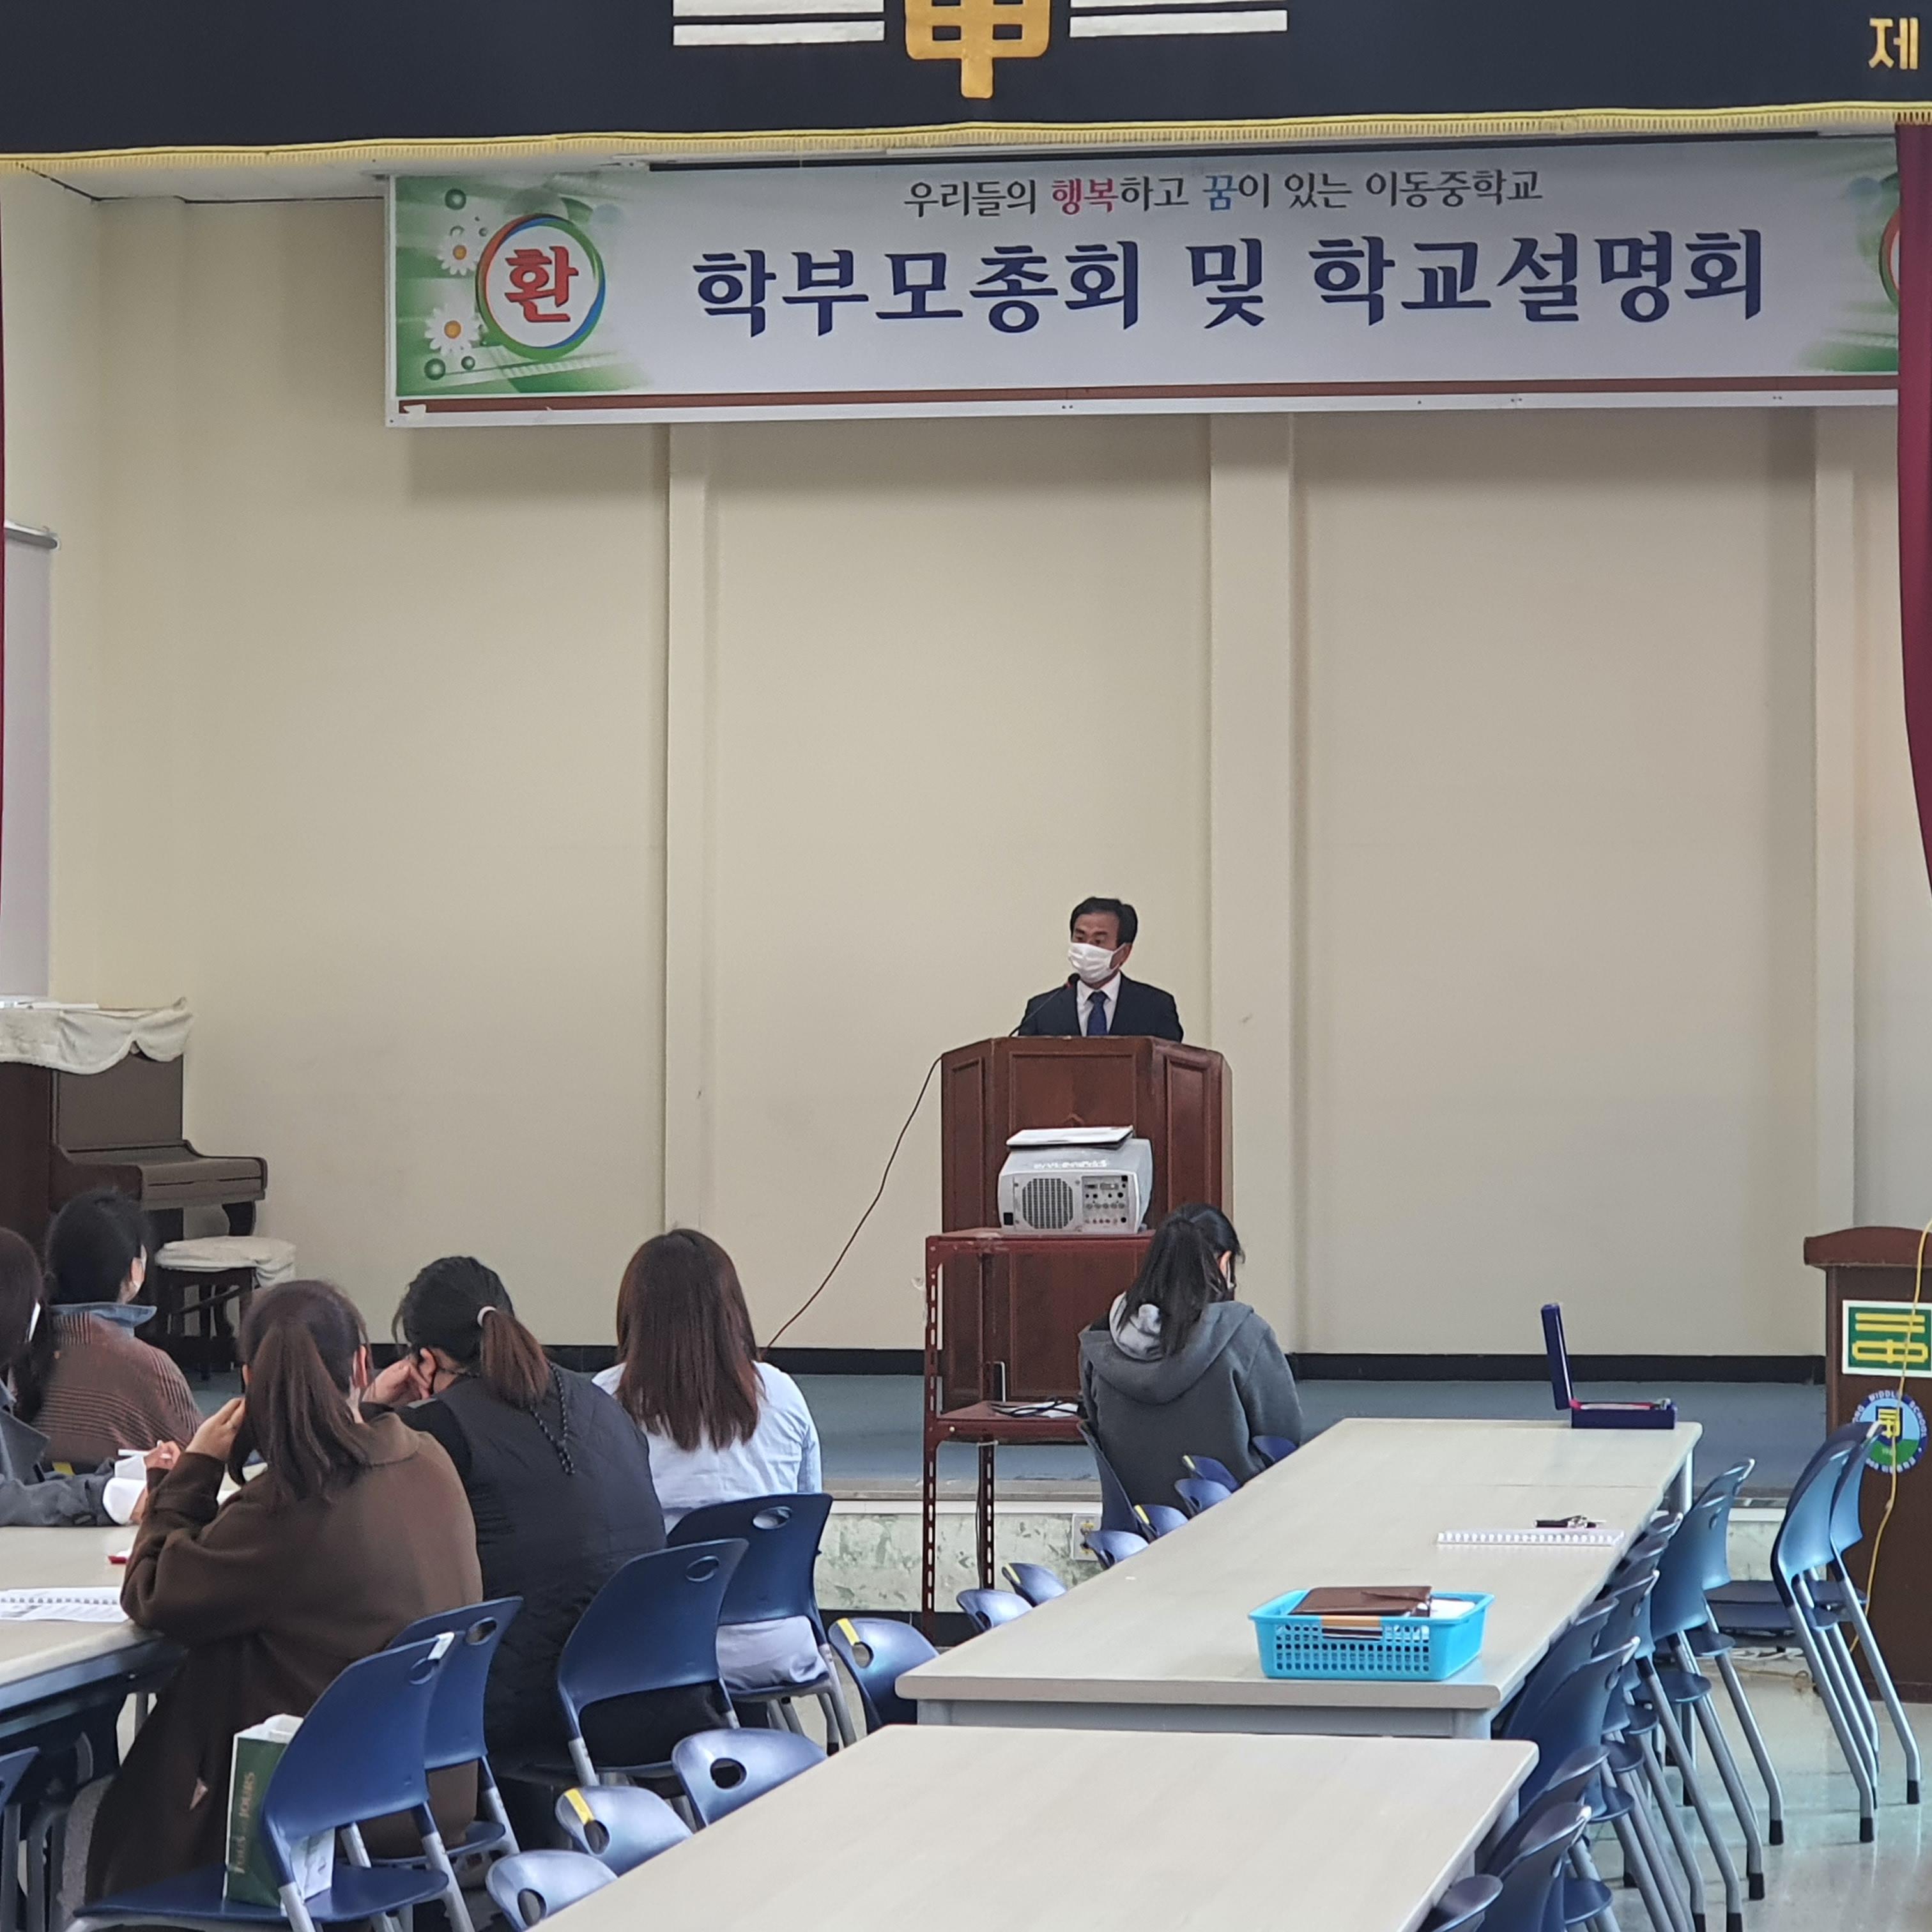 [일반] 교육과정 설명회 및 학부모 총회의 첨부이미지 1